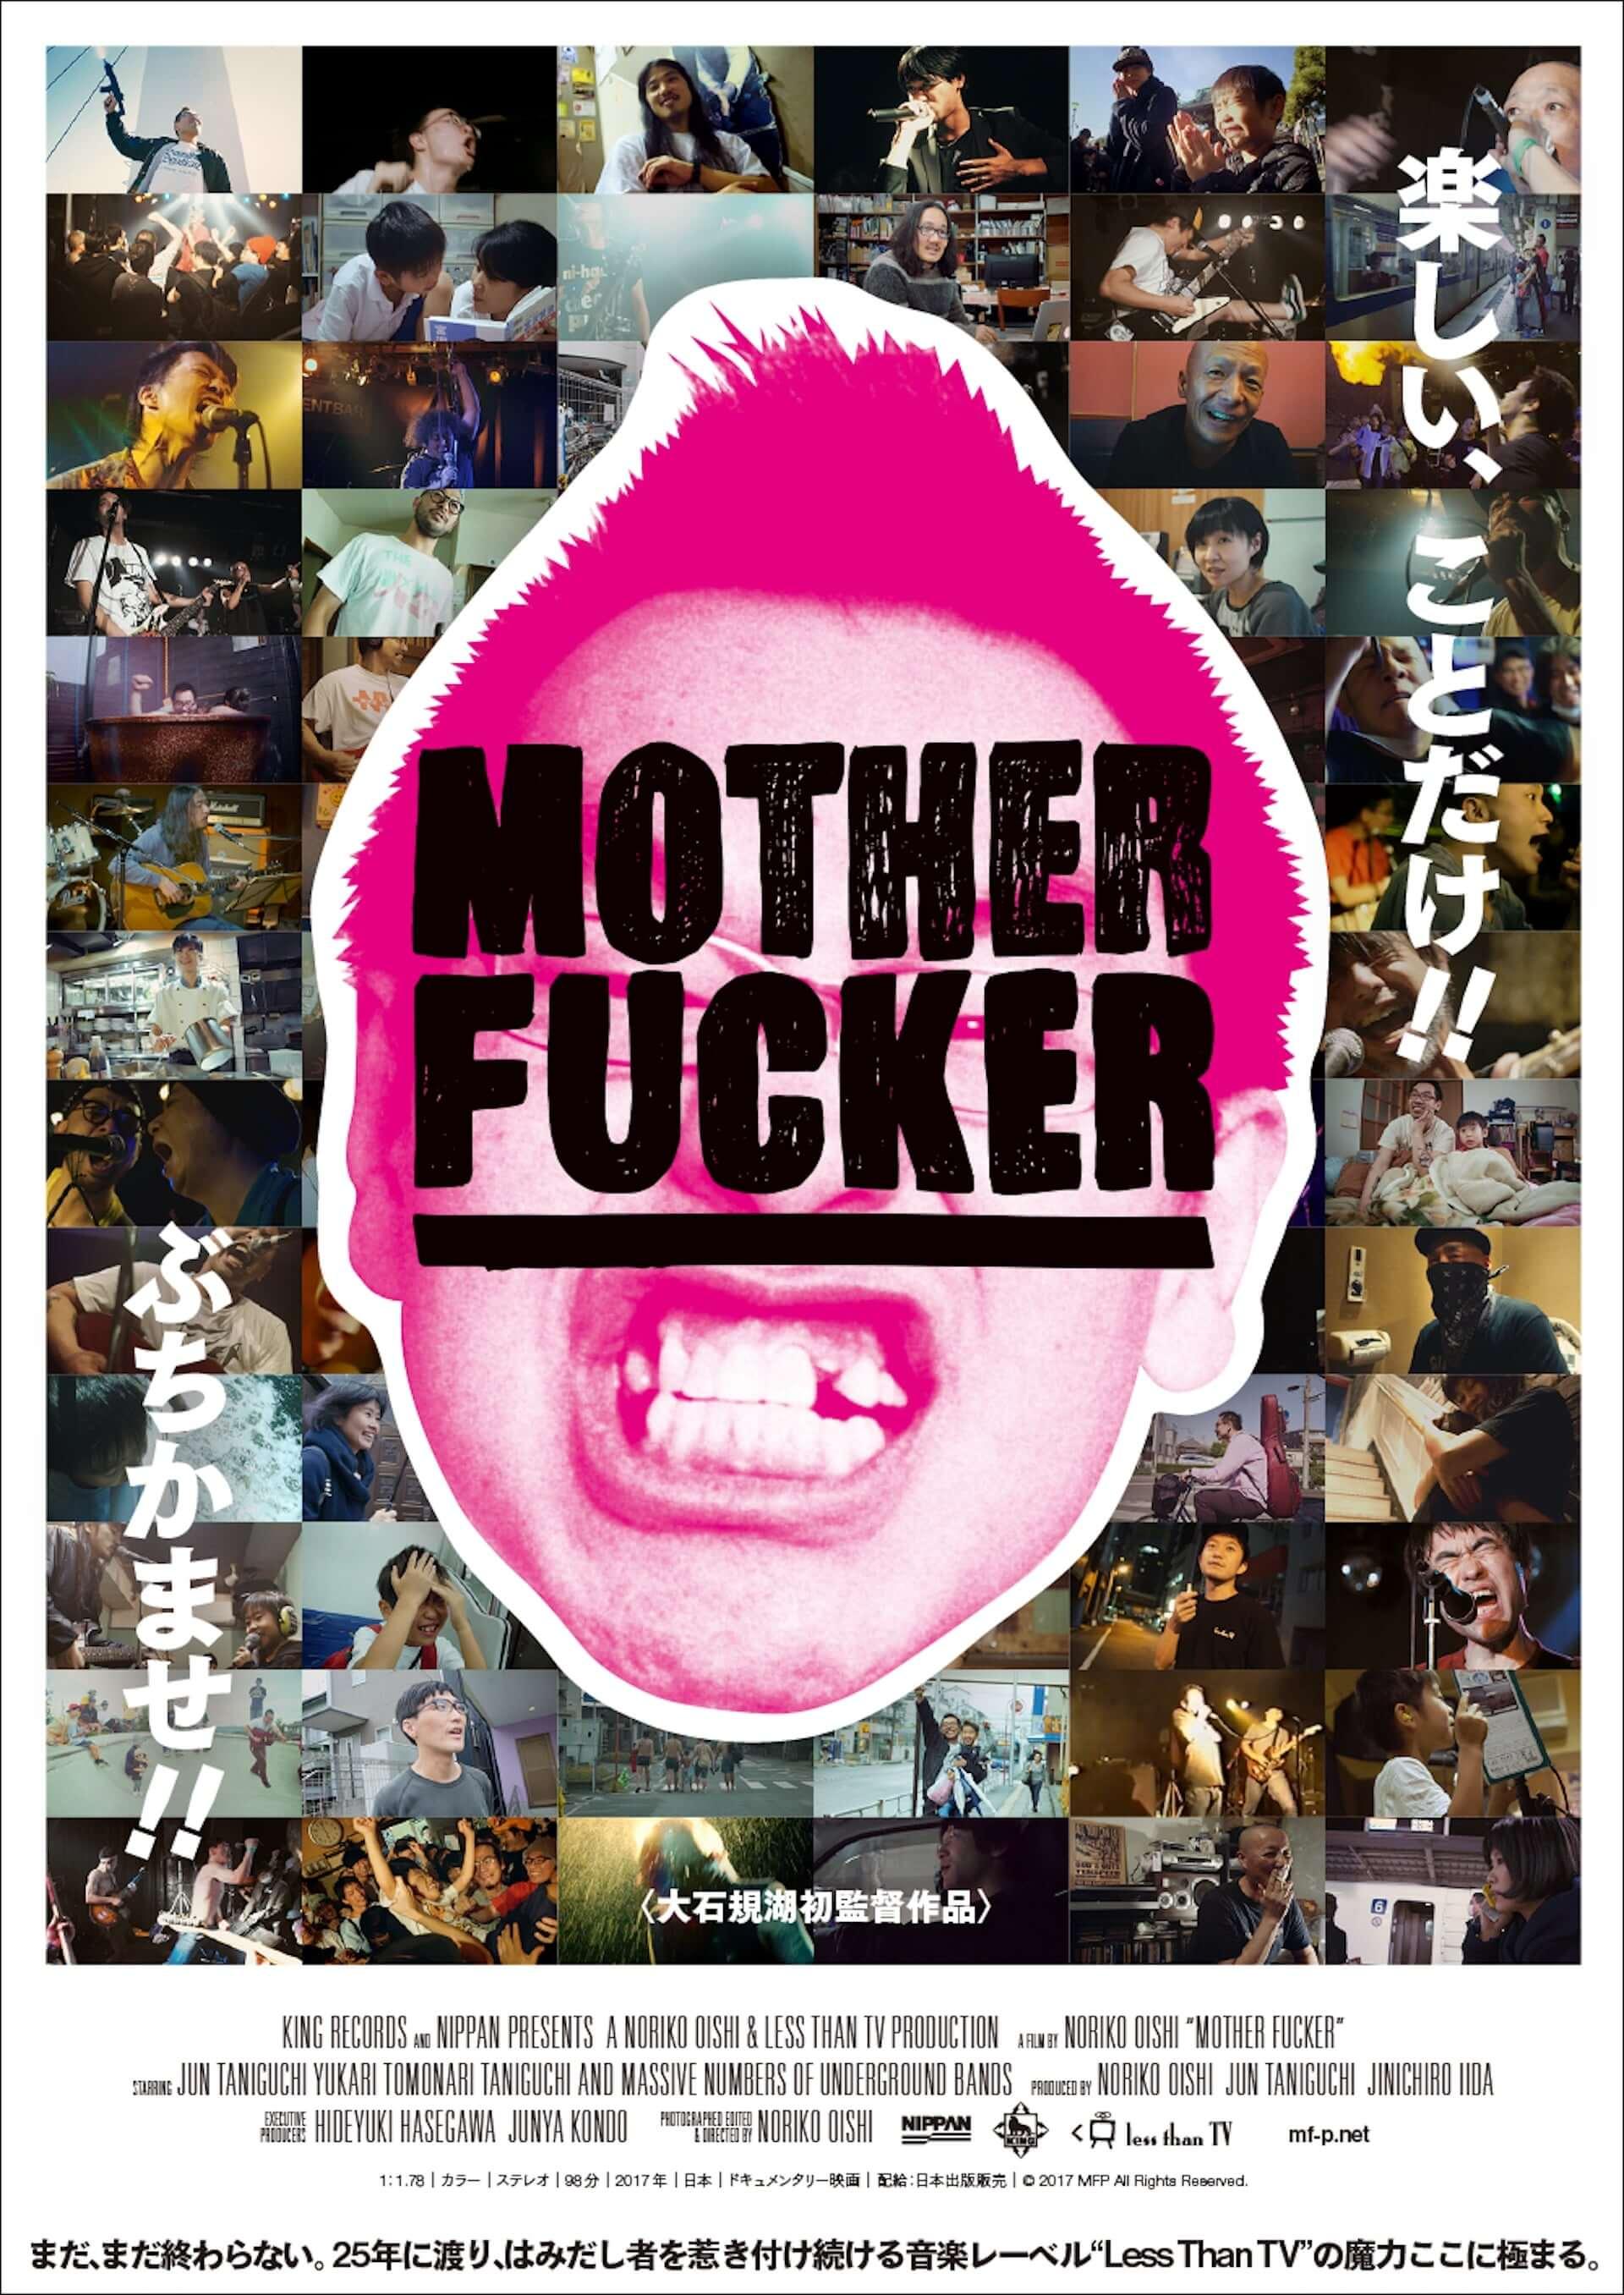 孤高のインディ・レーベル〈Less Than TV〉に密着したドキュメンタリー映画『MOTHERFUCKER』が期間限定で無料配信決定! film200410_motherfucker_1-1920x2713